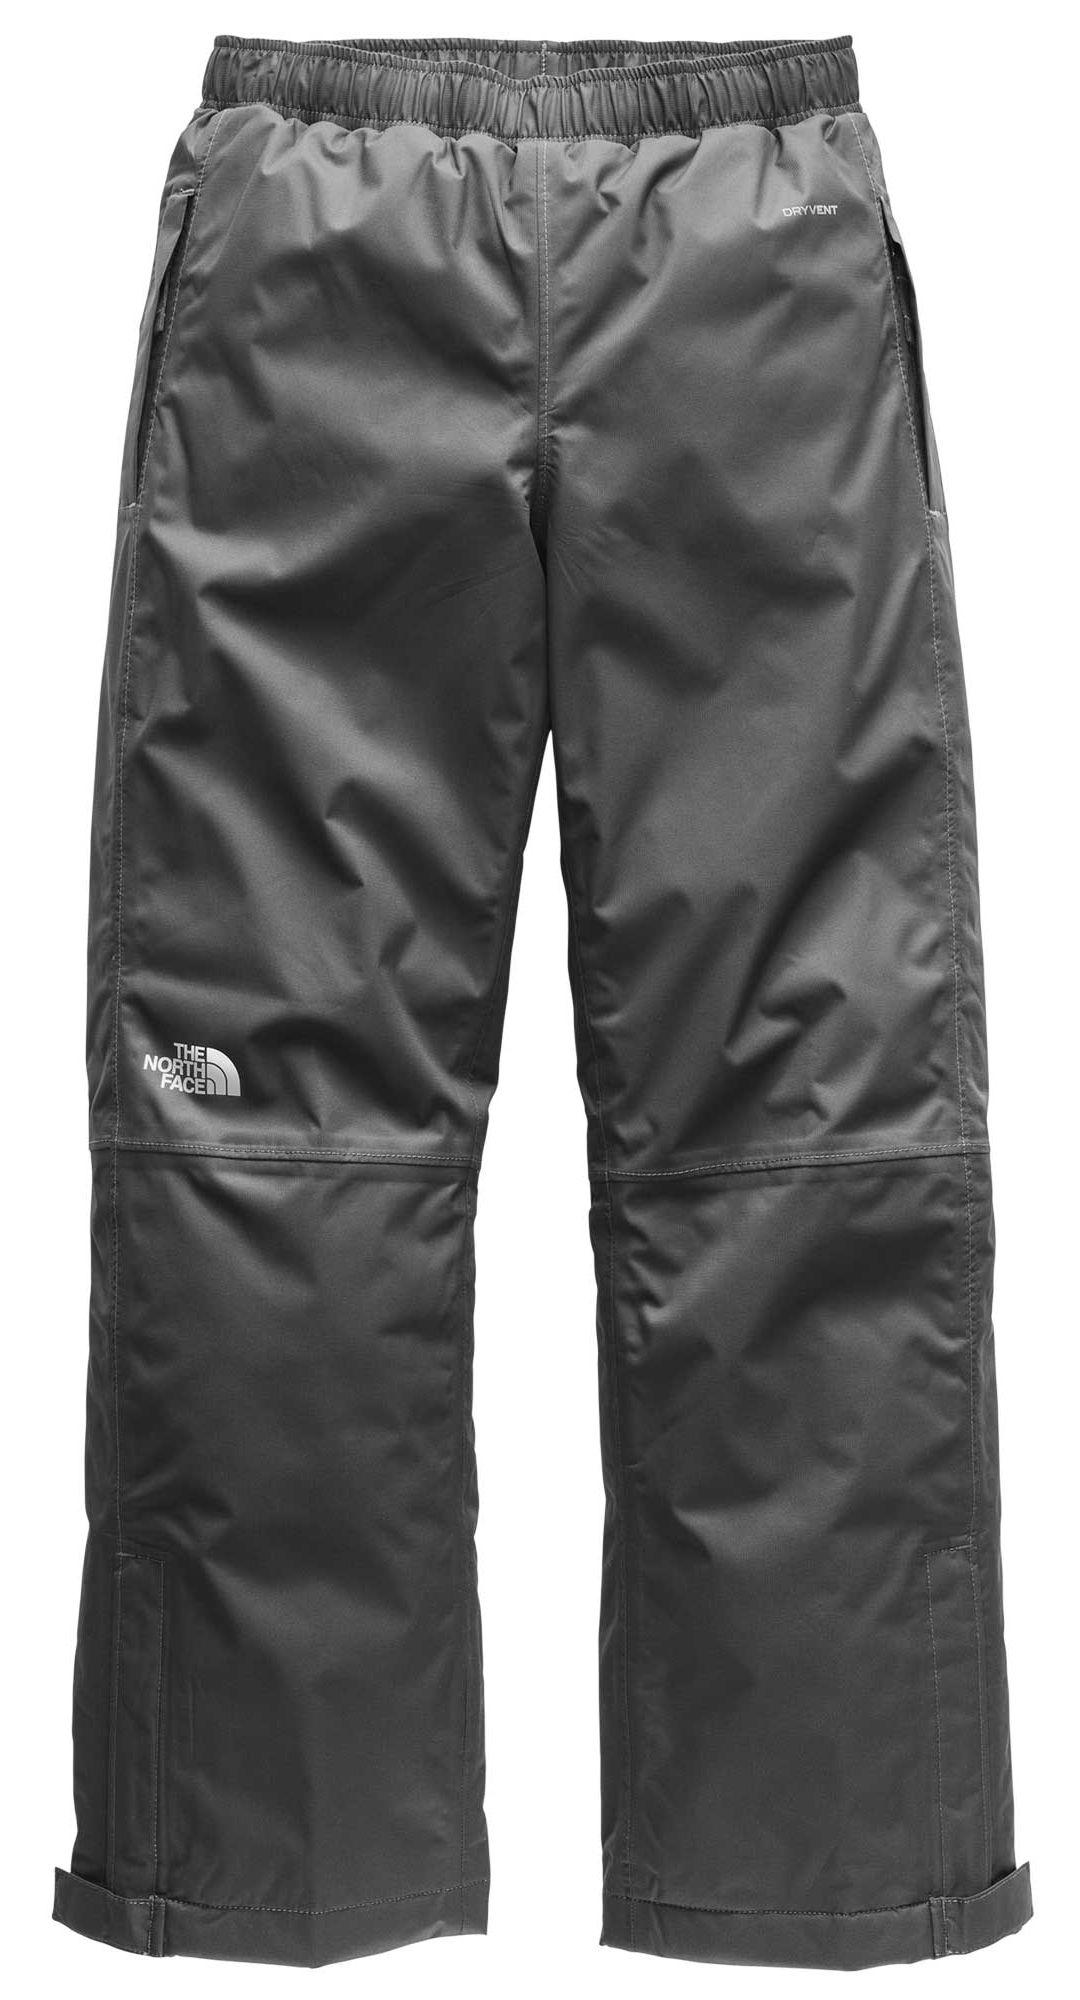 najlepiej sprzedający się najlepsza strona internetowa zawsze popularny The North Face Youth Resolve Insulated Pants